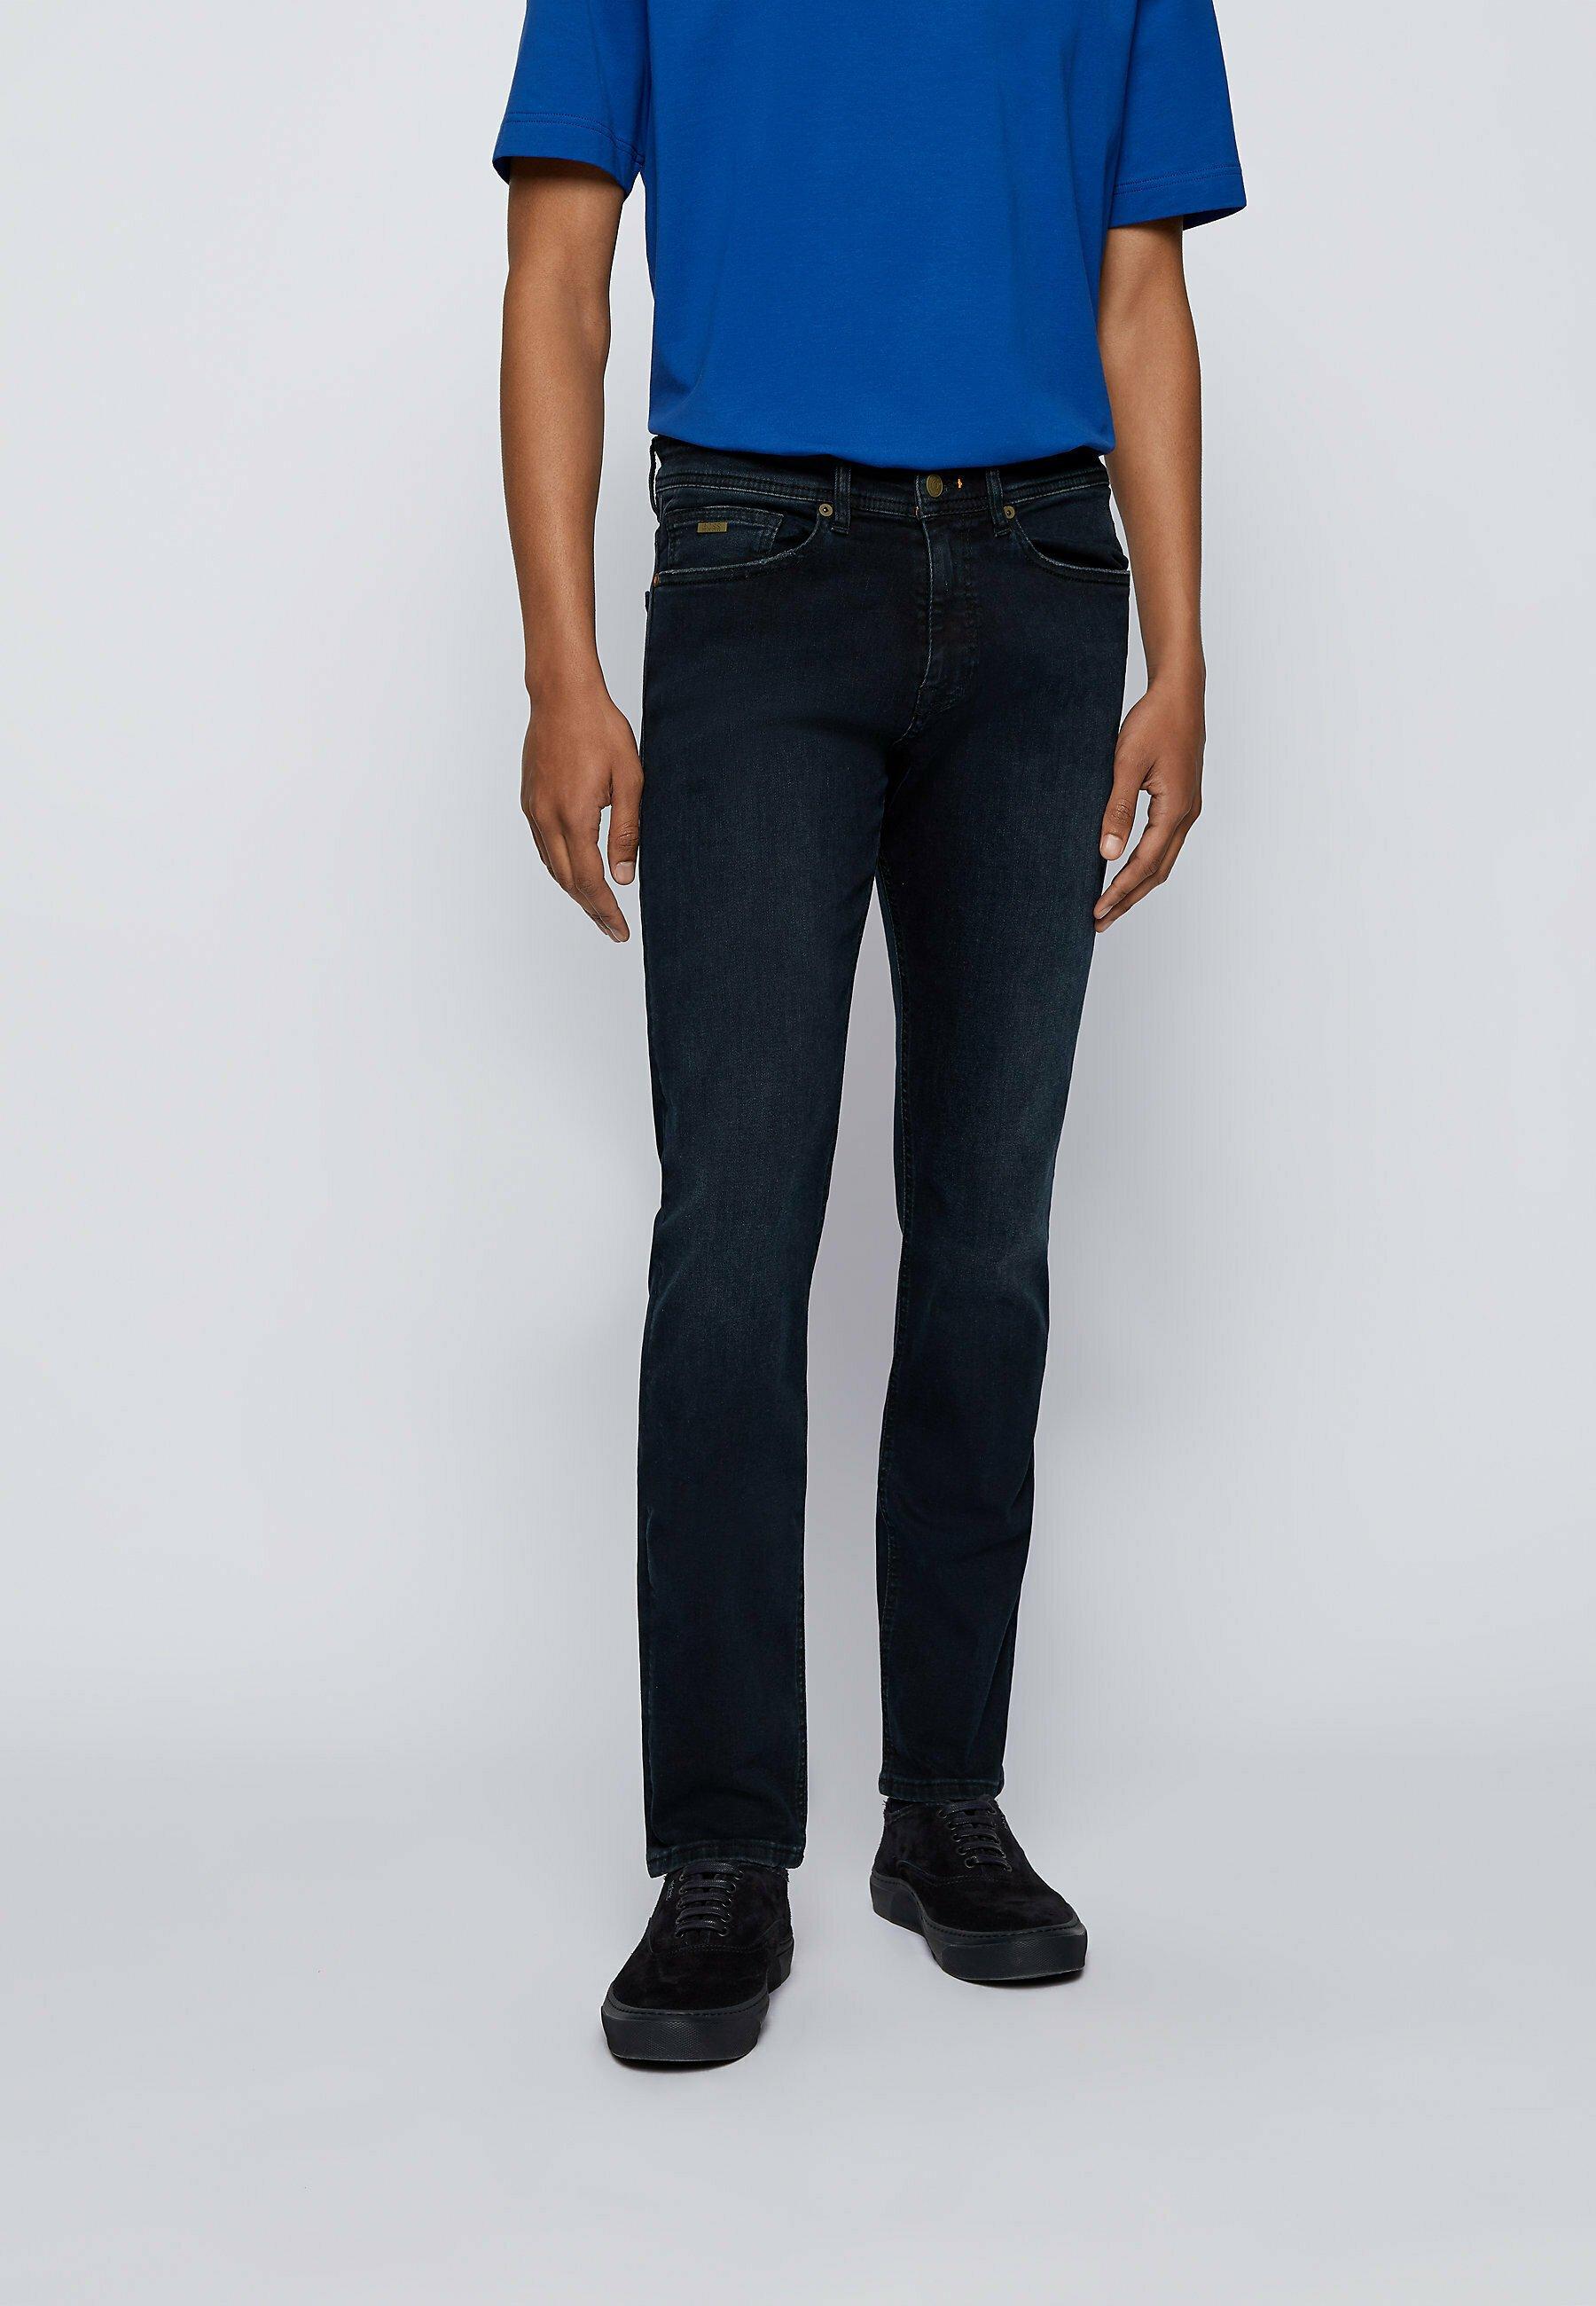 Uomo DELAWARE BC-L-P - Jeans slim fit